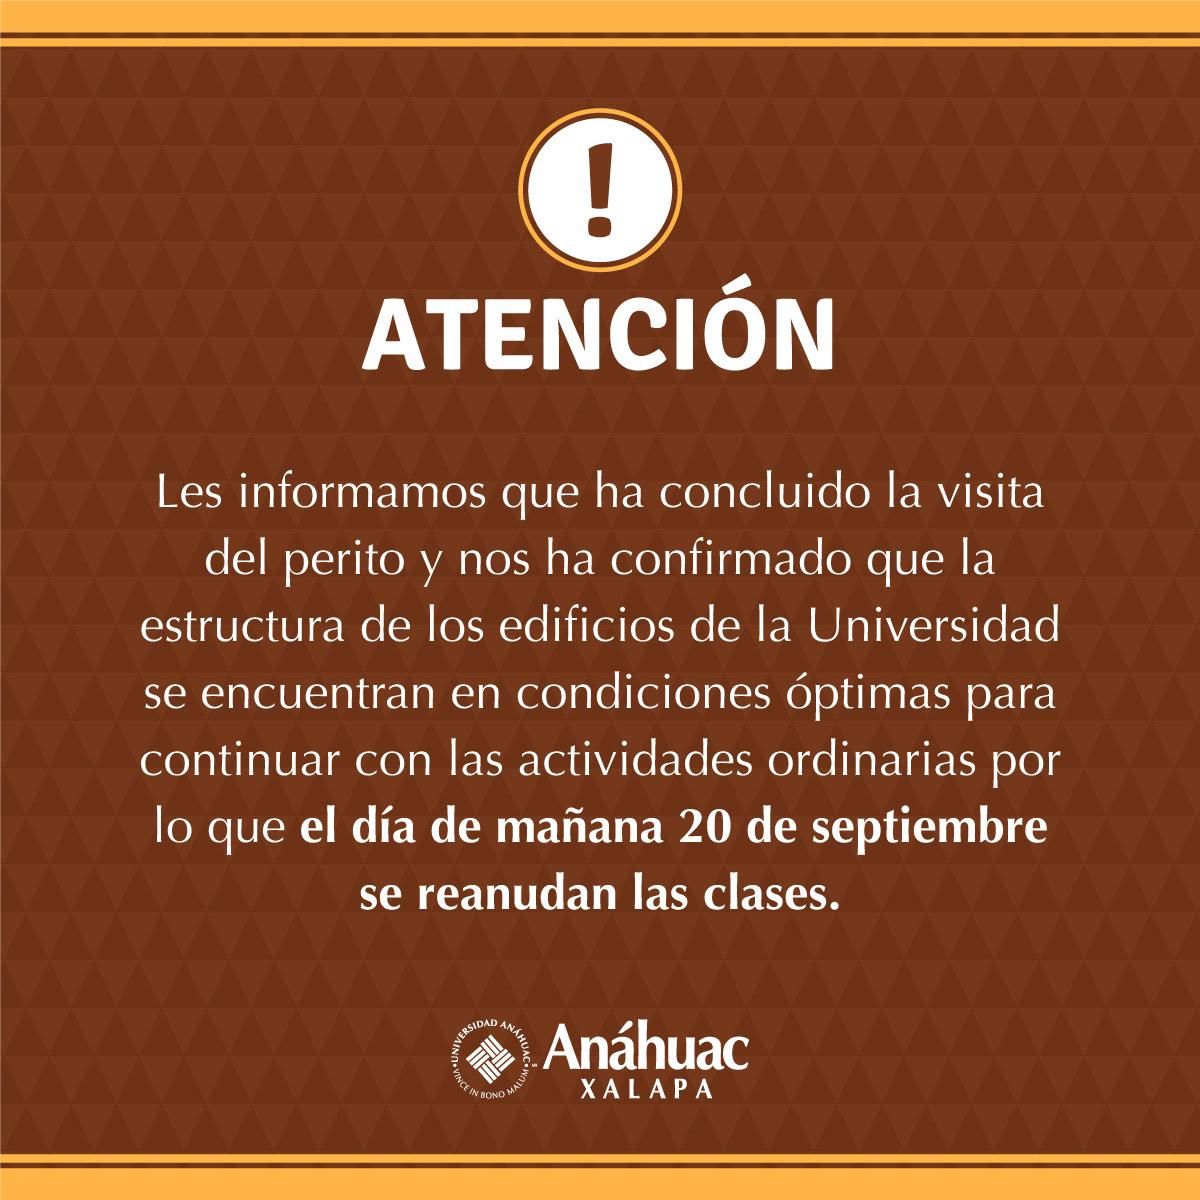 Reanudación de Actividades   Universidad Anáhuac Xalapa